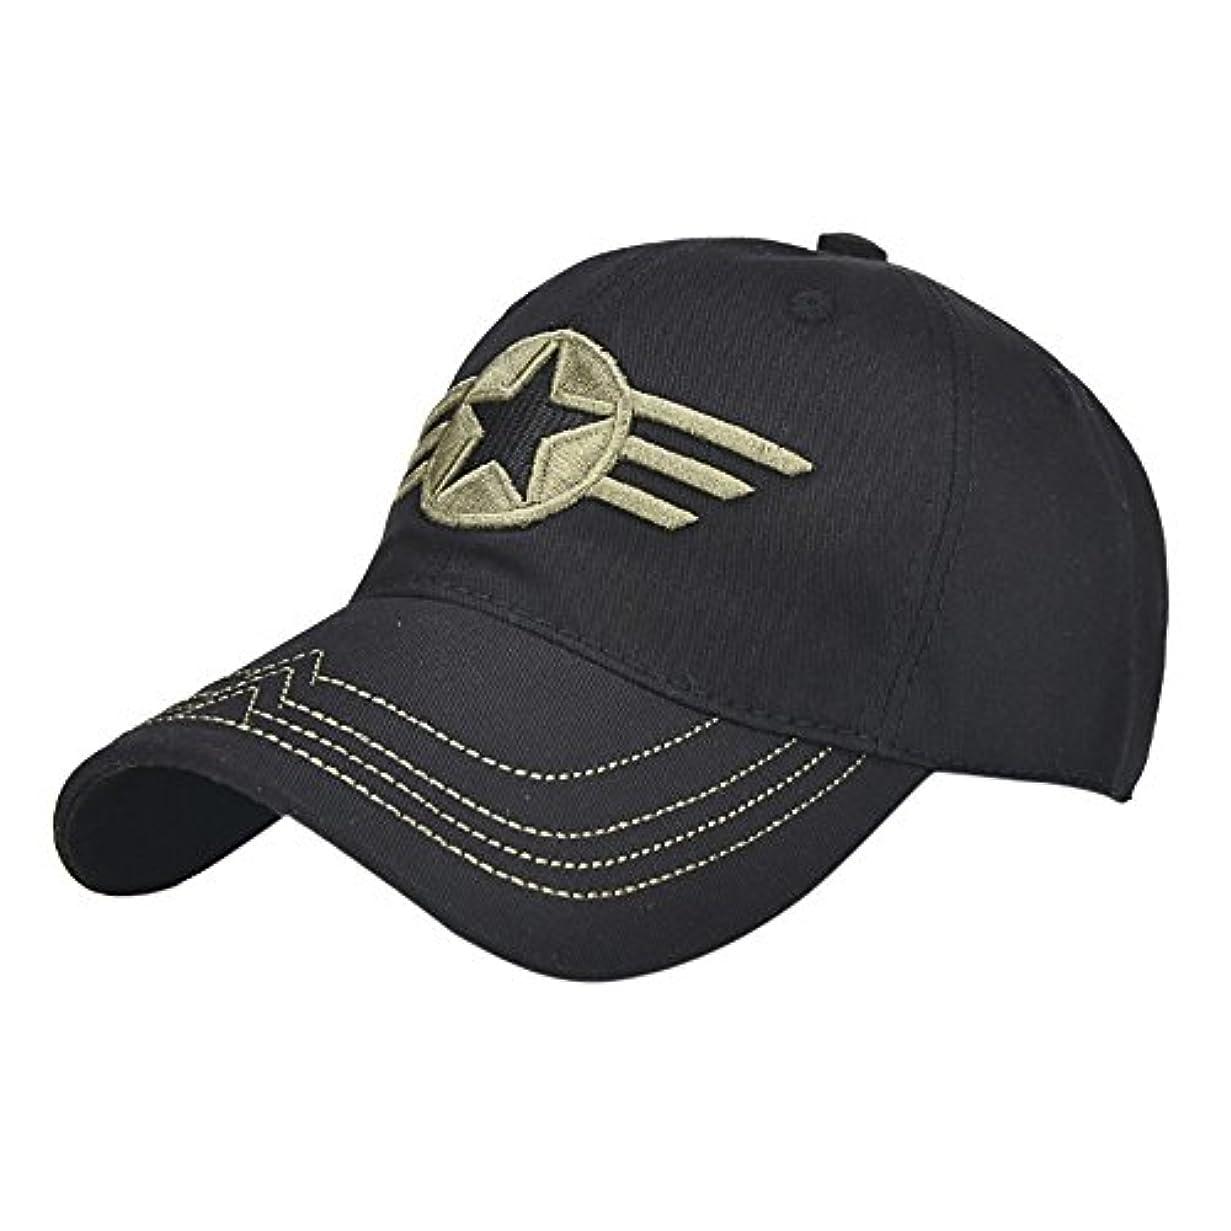 全体に放つしがみつくRacazing Cap ミリタリーキャップ 野球帽 迷彩 夏 登山 通気性のある メッシュ 帽子 ベルクロ 可調整可能 スターバッジ 刺繍 棒球帽 UV 帽子 軽量 屋外 Unisex Hat (黒)